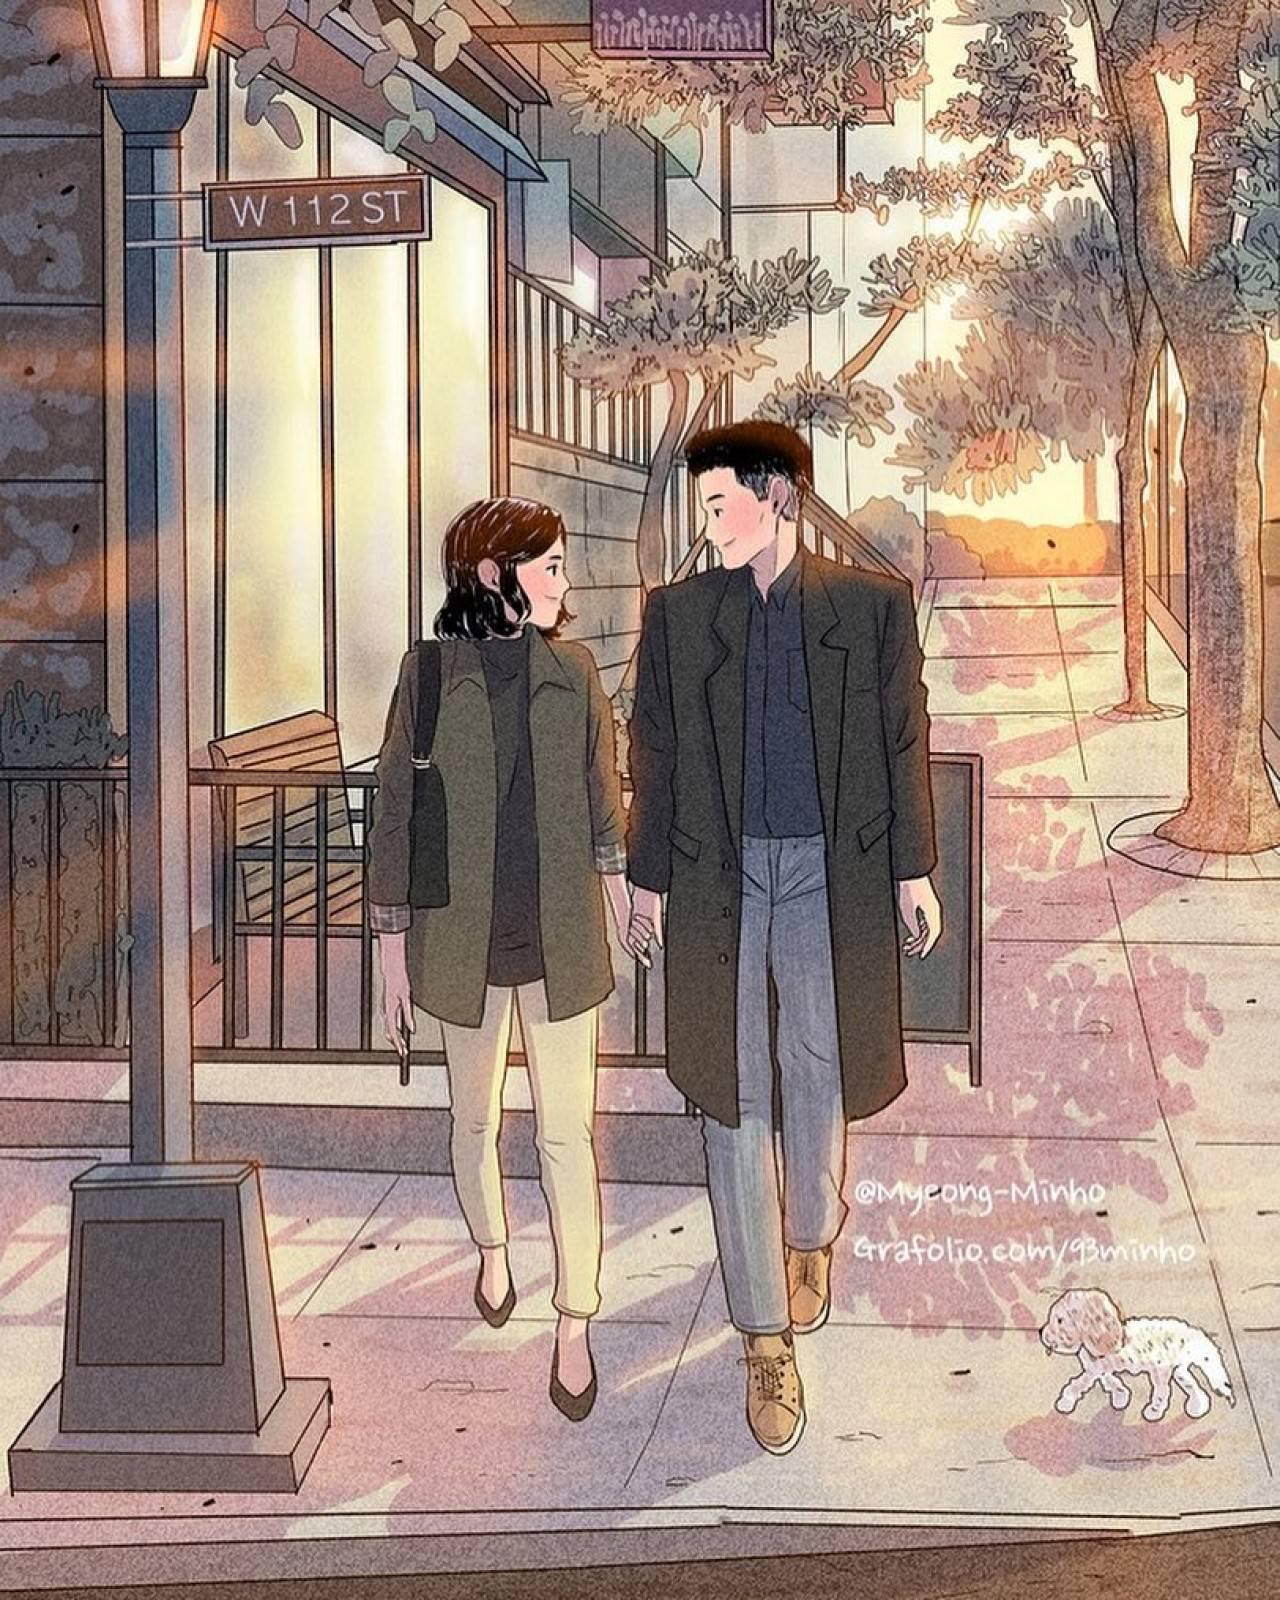 韓國帥歐巴畫出情侶日常中「最平凡的美好」 溫柔筆觸勾起最甜回憶❤